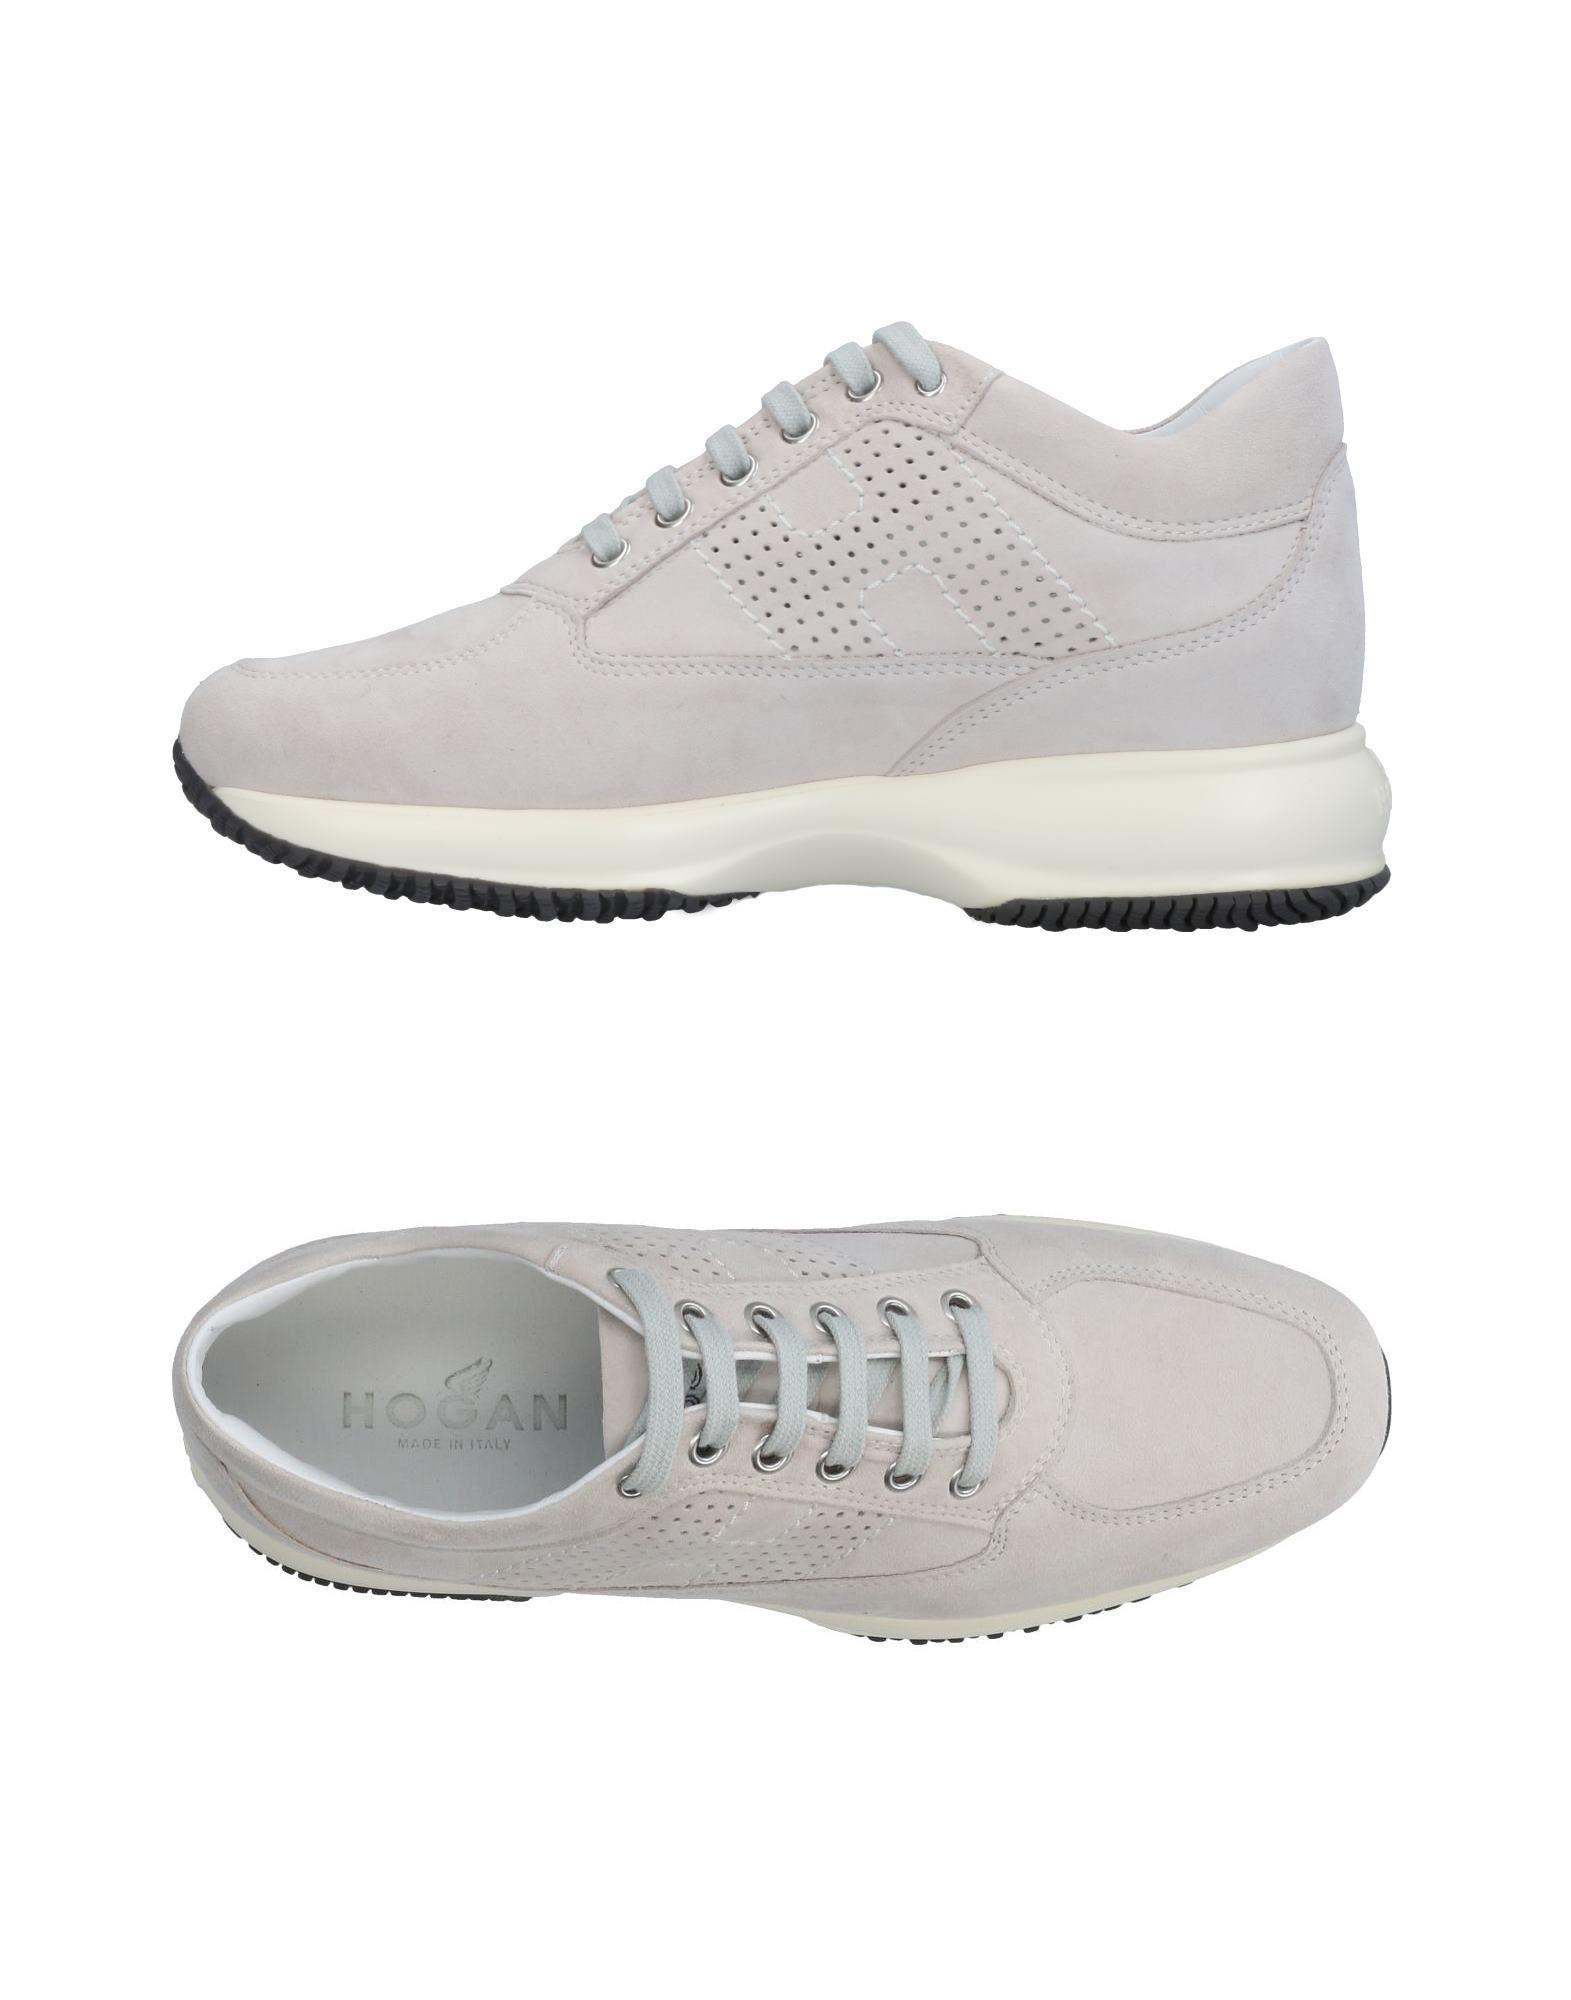 FOOTWEAR - Low-tops & sneakers Malloni SaKKlz